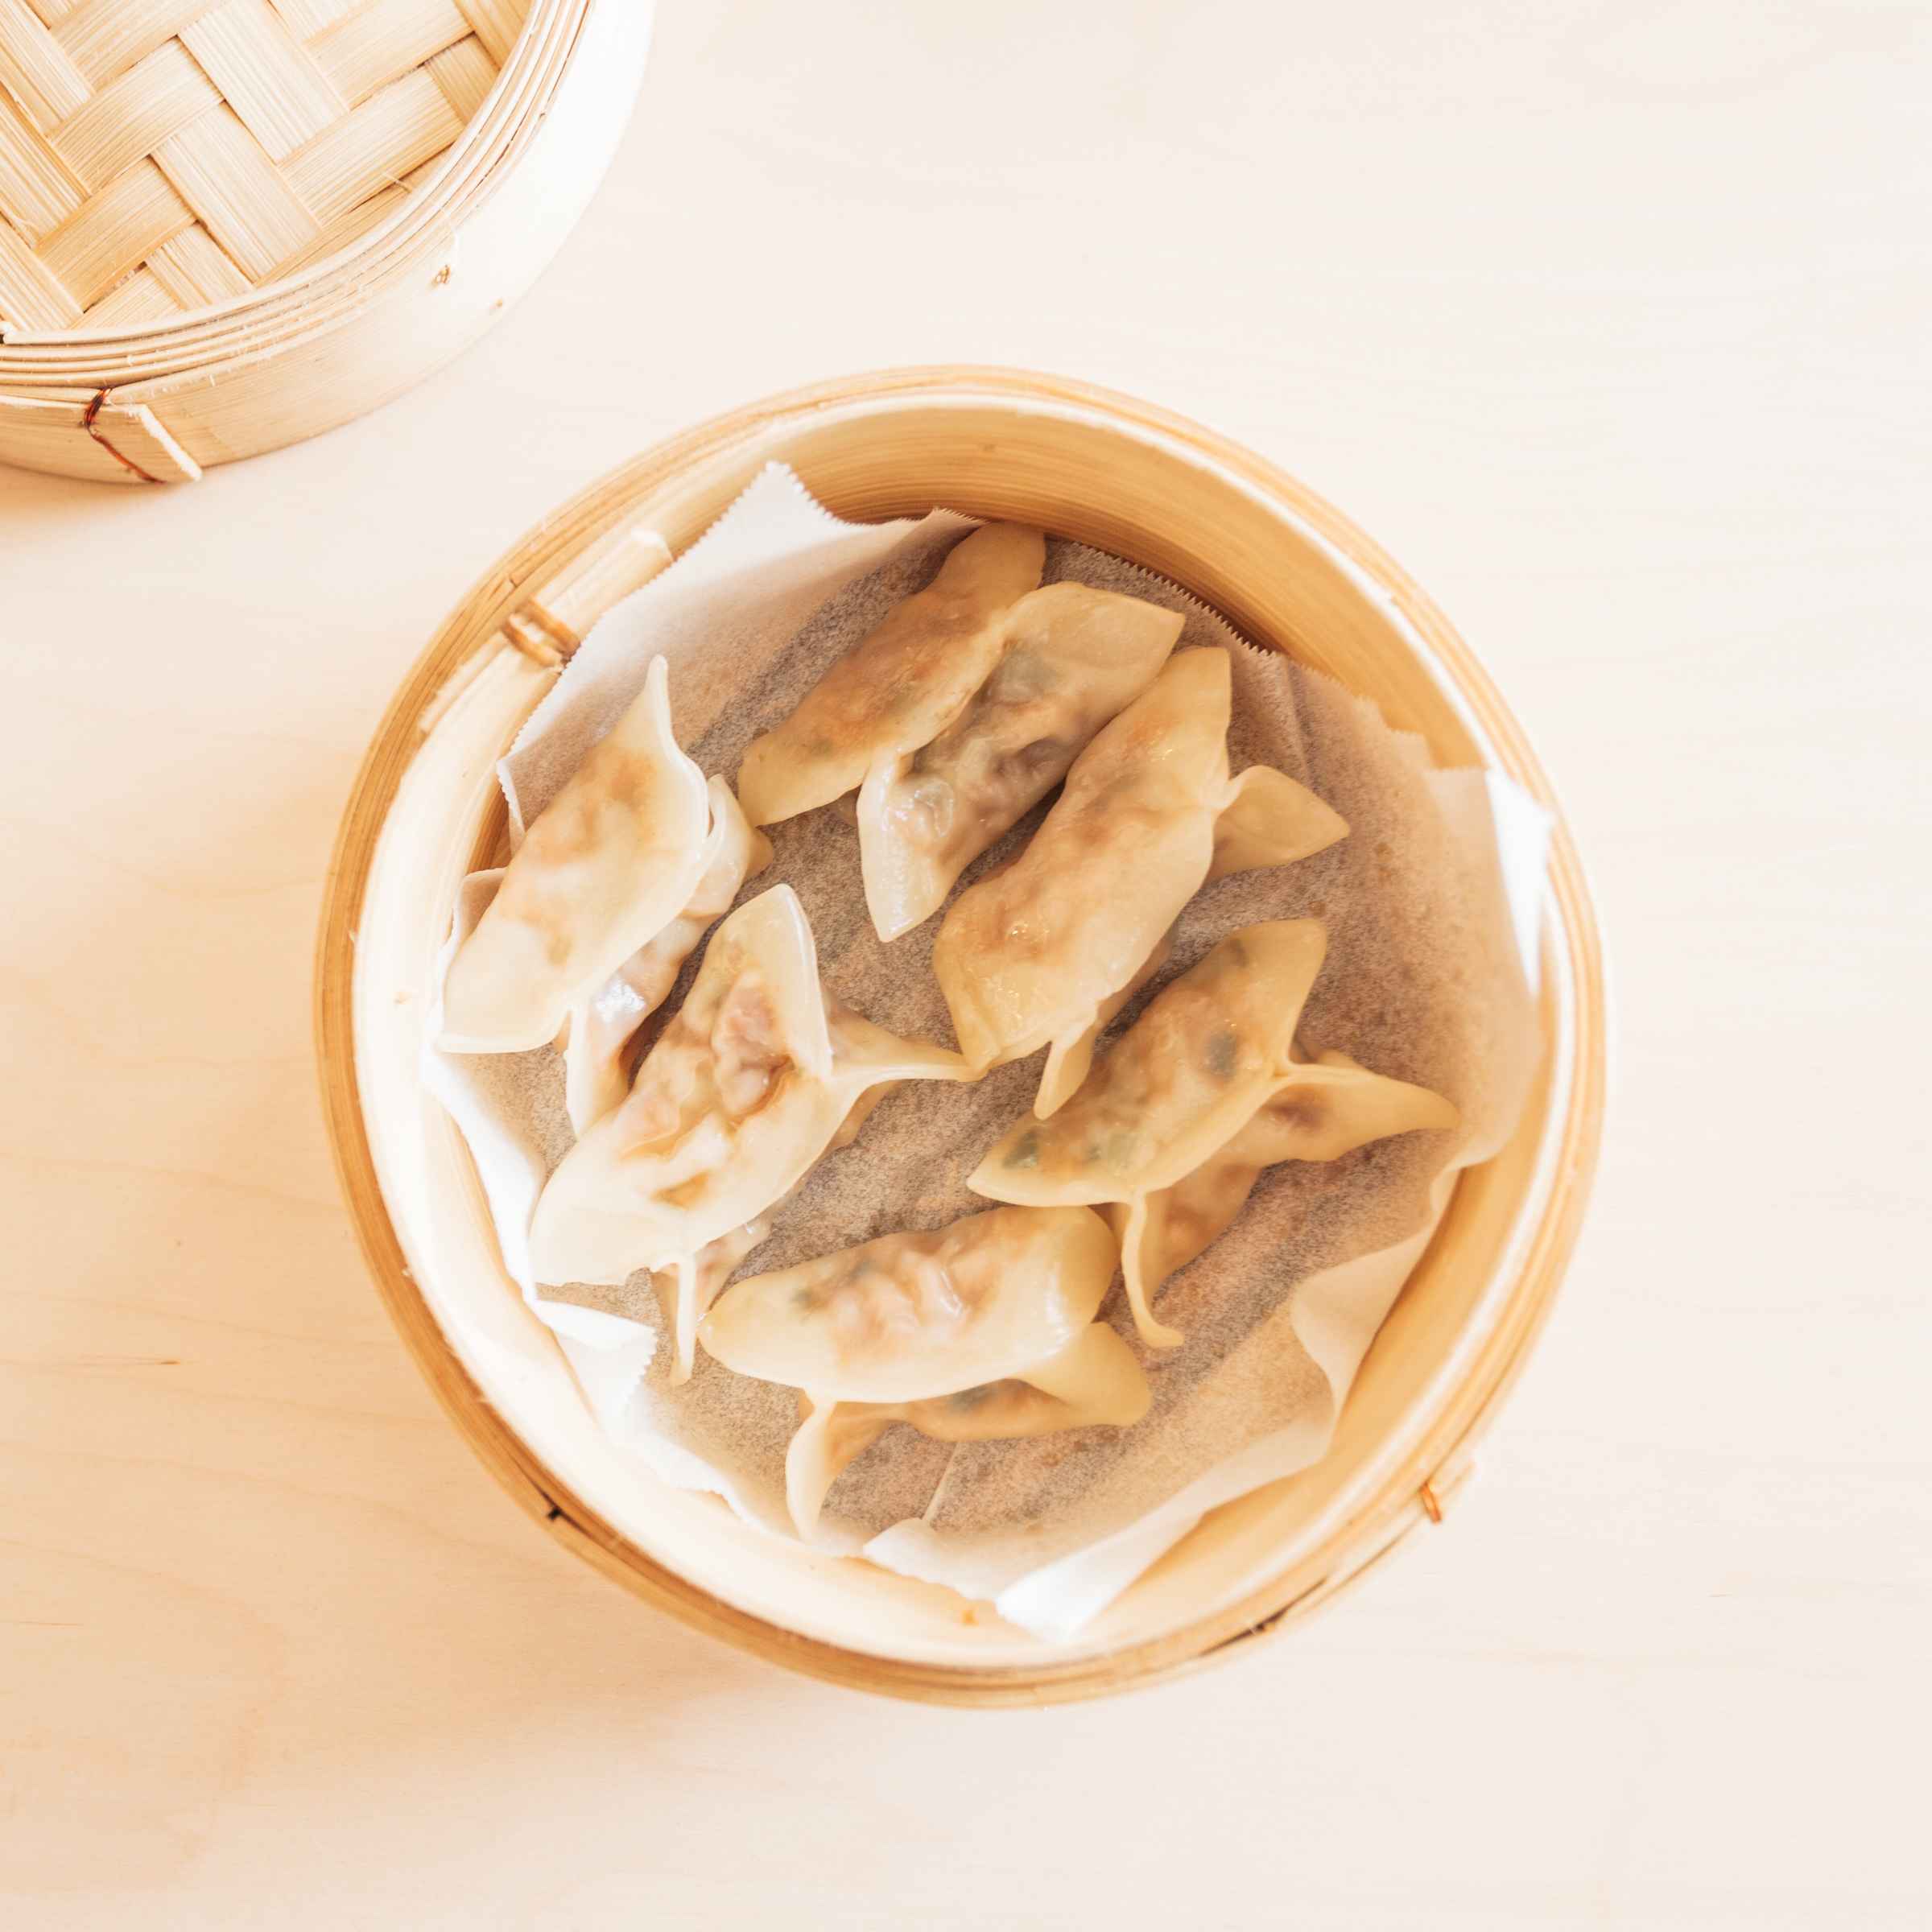 dumplings-chicken-6235.jpg